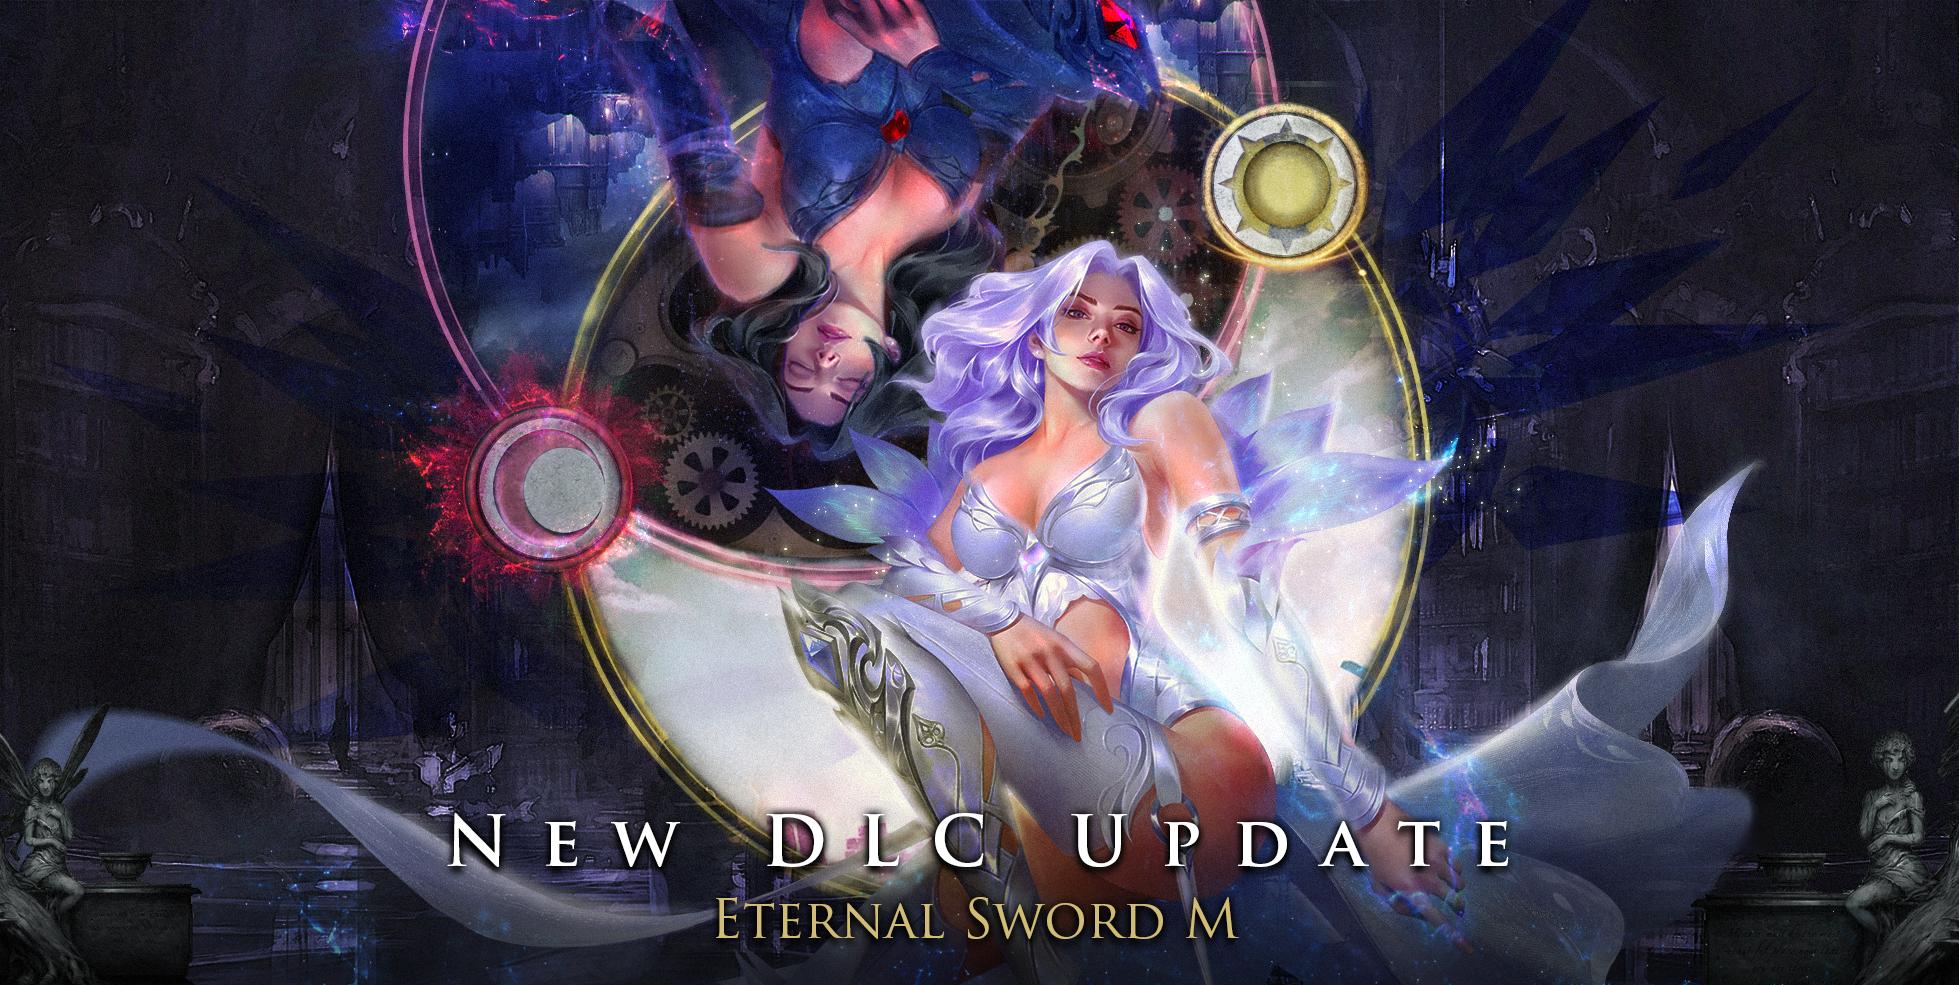 Eternal Sword M - New DLC Update: Mecha ...